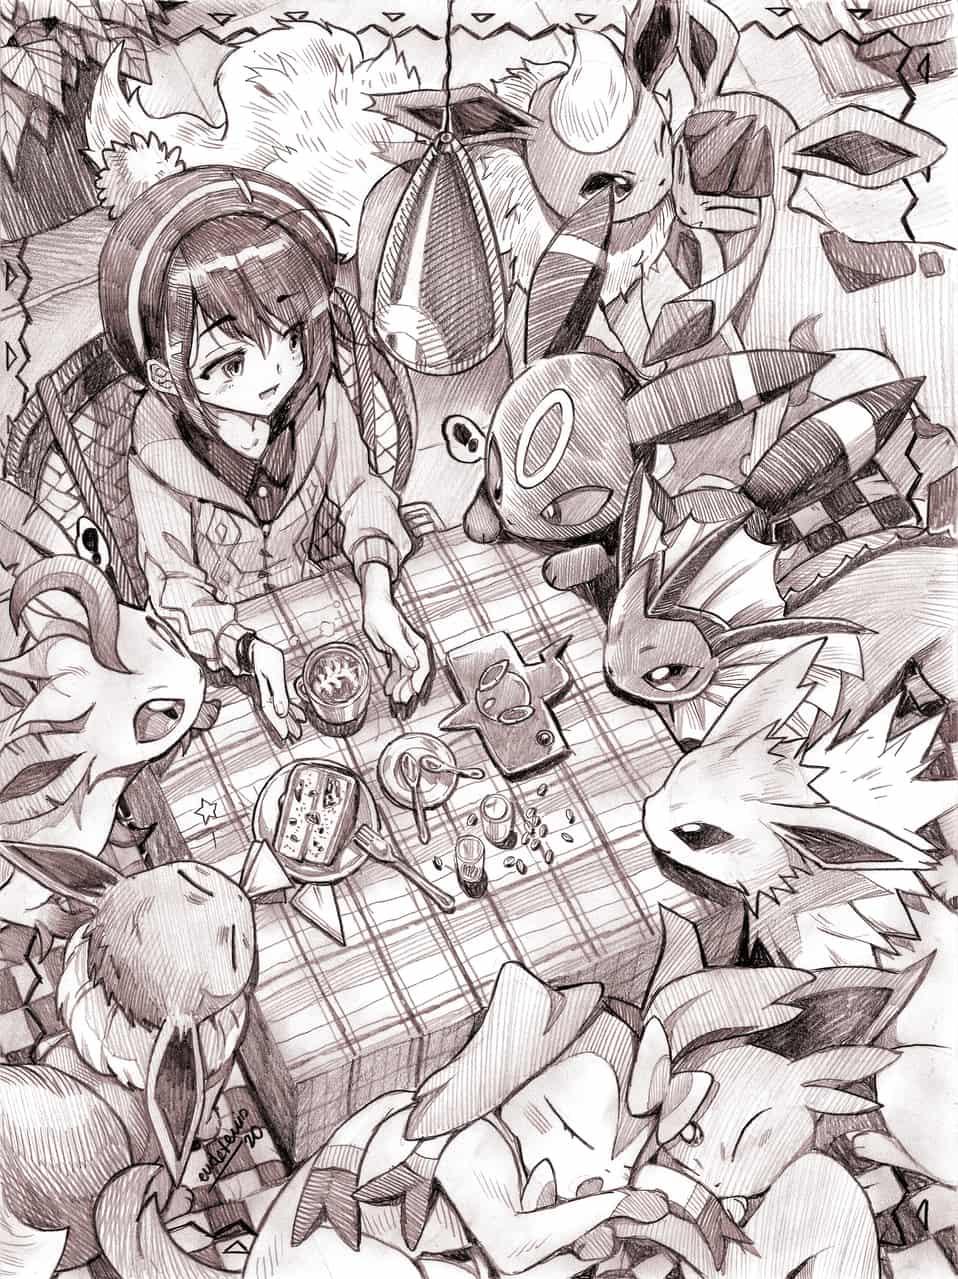 ケーキタイム Illust of EUDETENIS ARTstreet_Ranking Vaporeon リーフィア pokemon グレイシア Umbreon cake Eevee Flareon エーフィ Jolteon